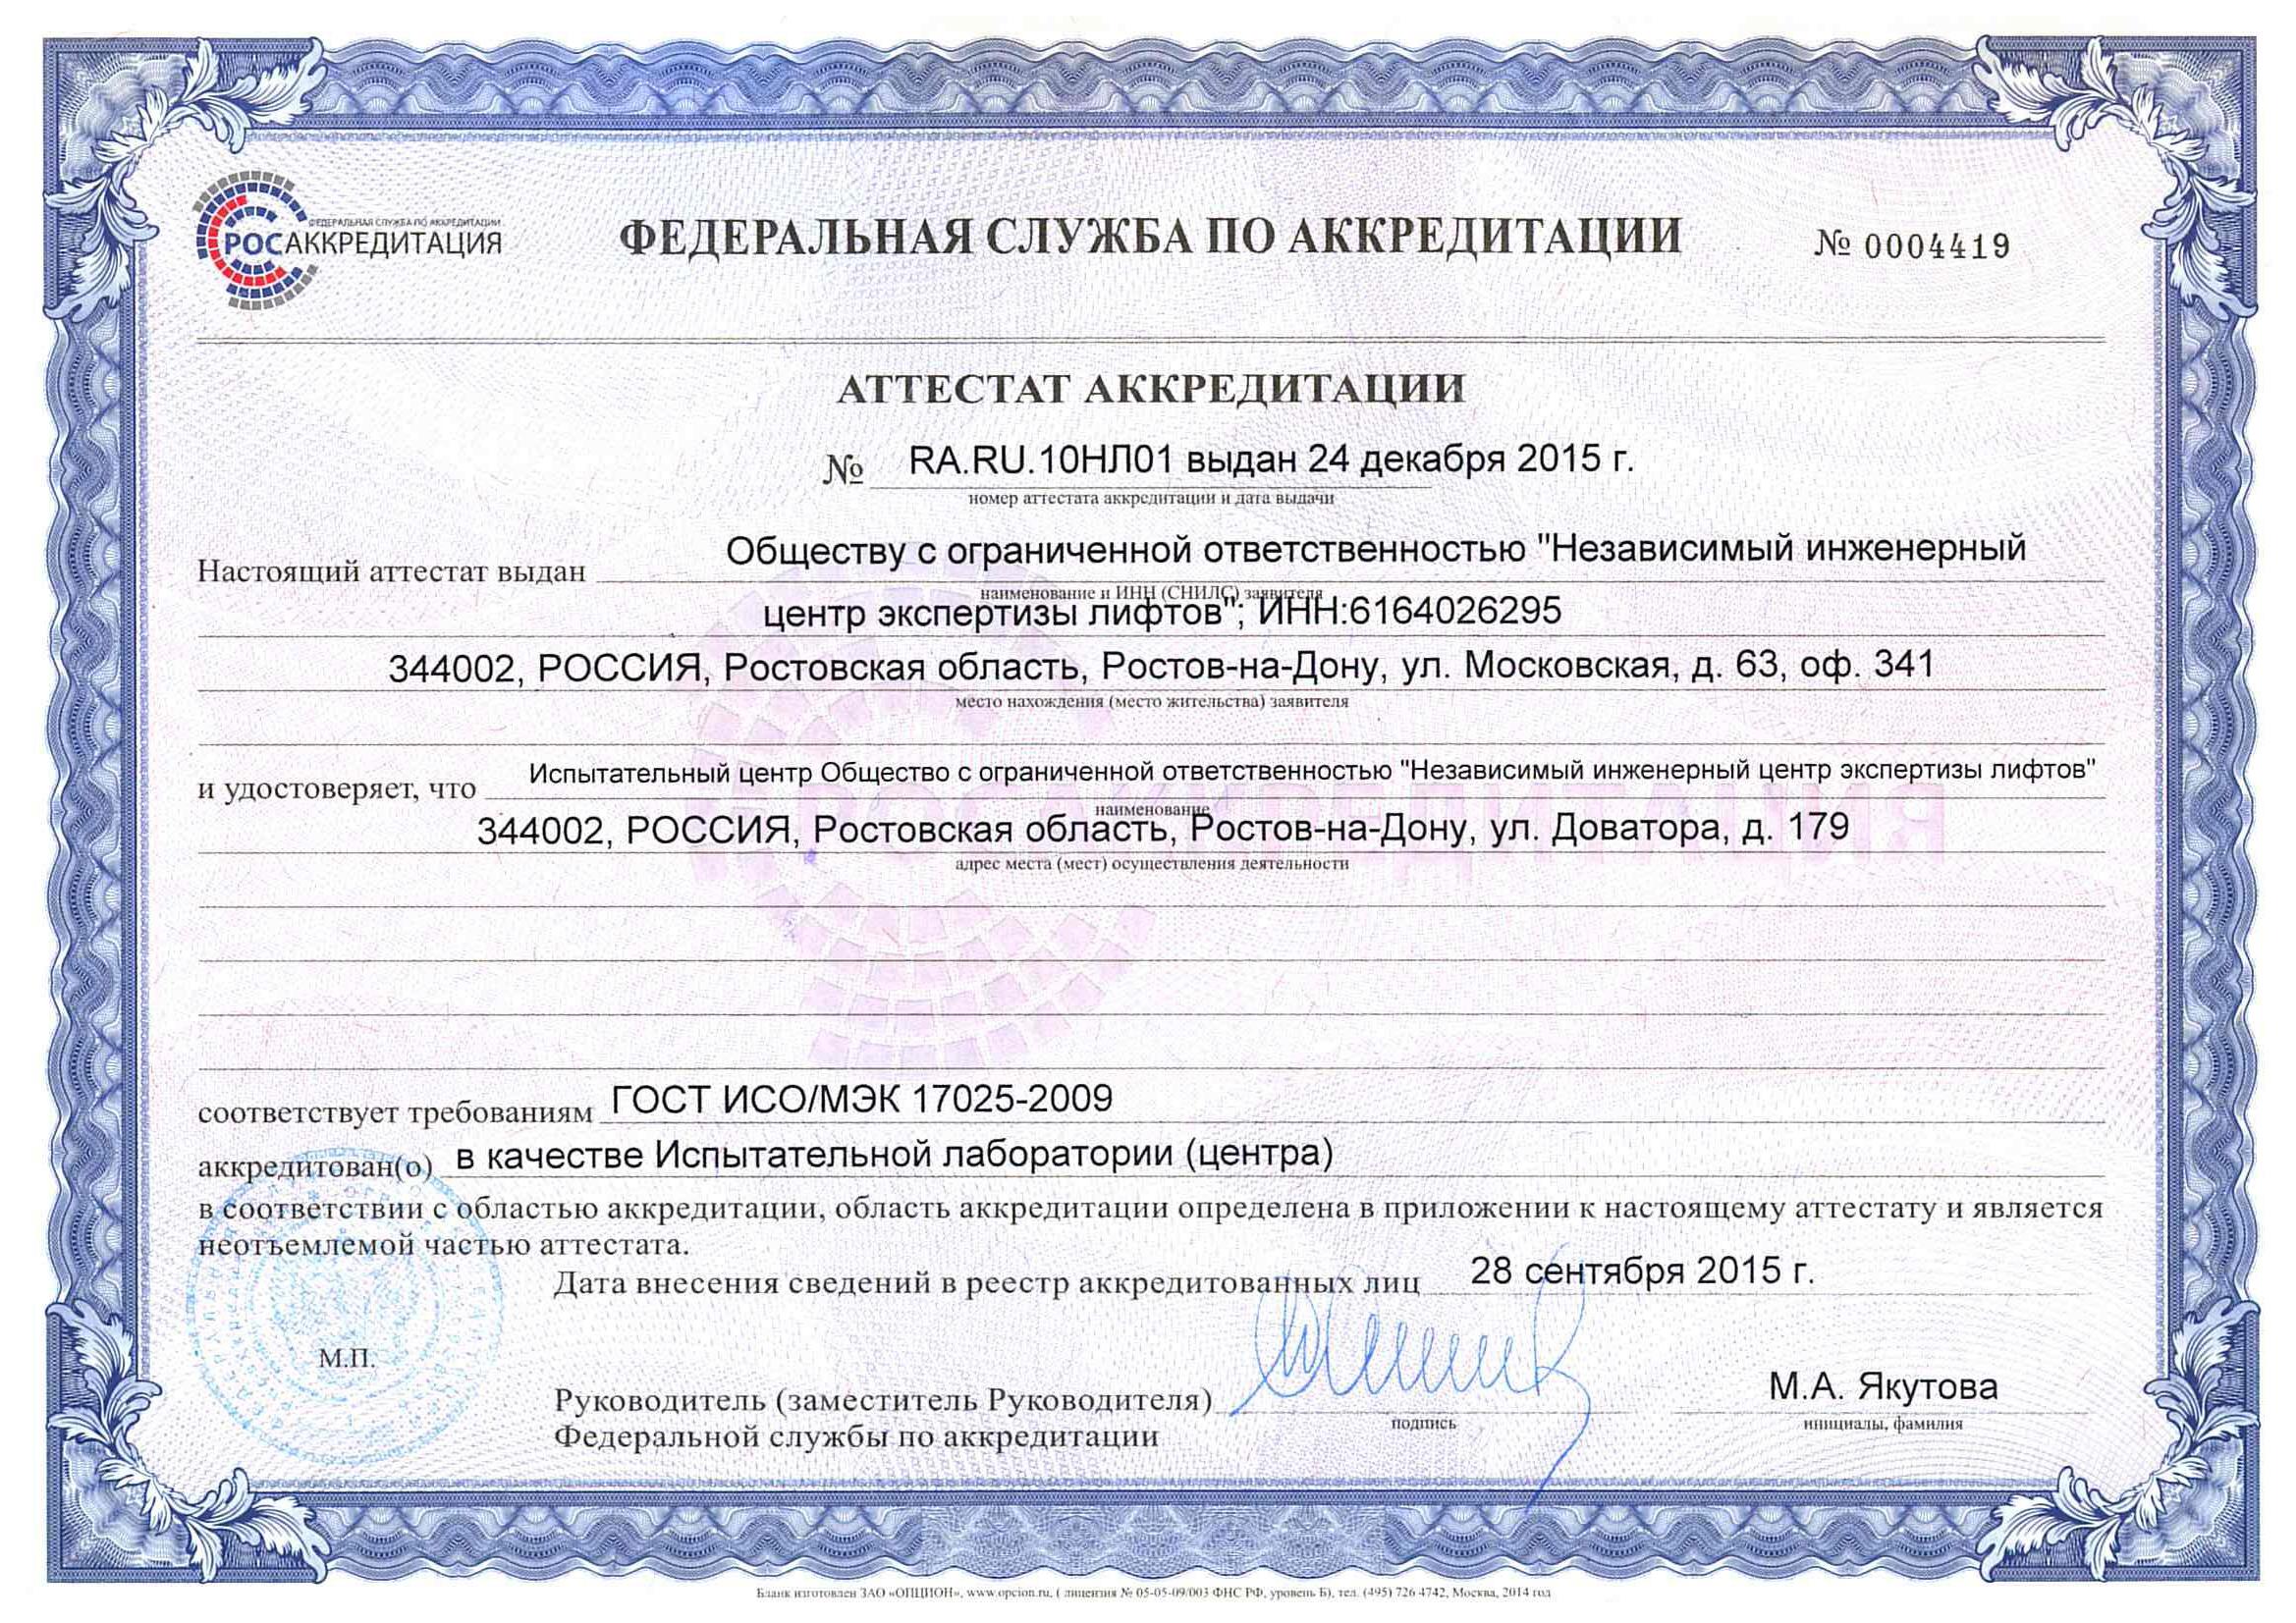 Аттестат аккредитации в качестве Испытательного Центра ООО НИЦЭЛ